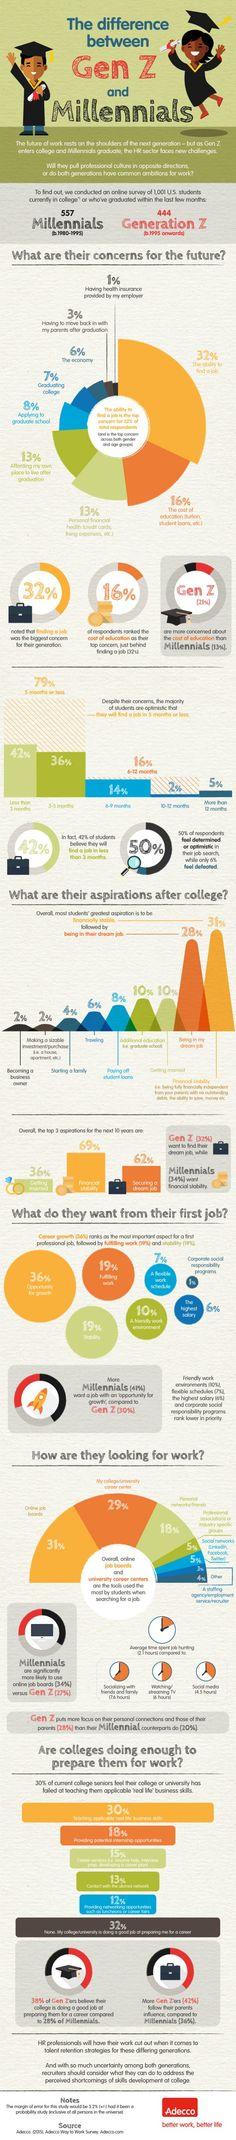 The Difference Between Gen Z and Millennials #infographic #générationZ